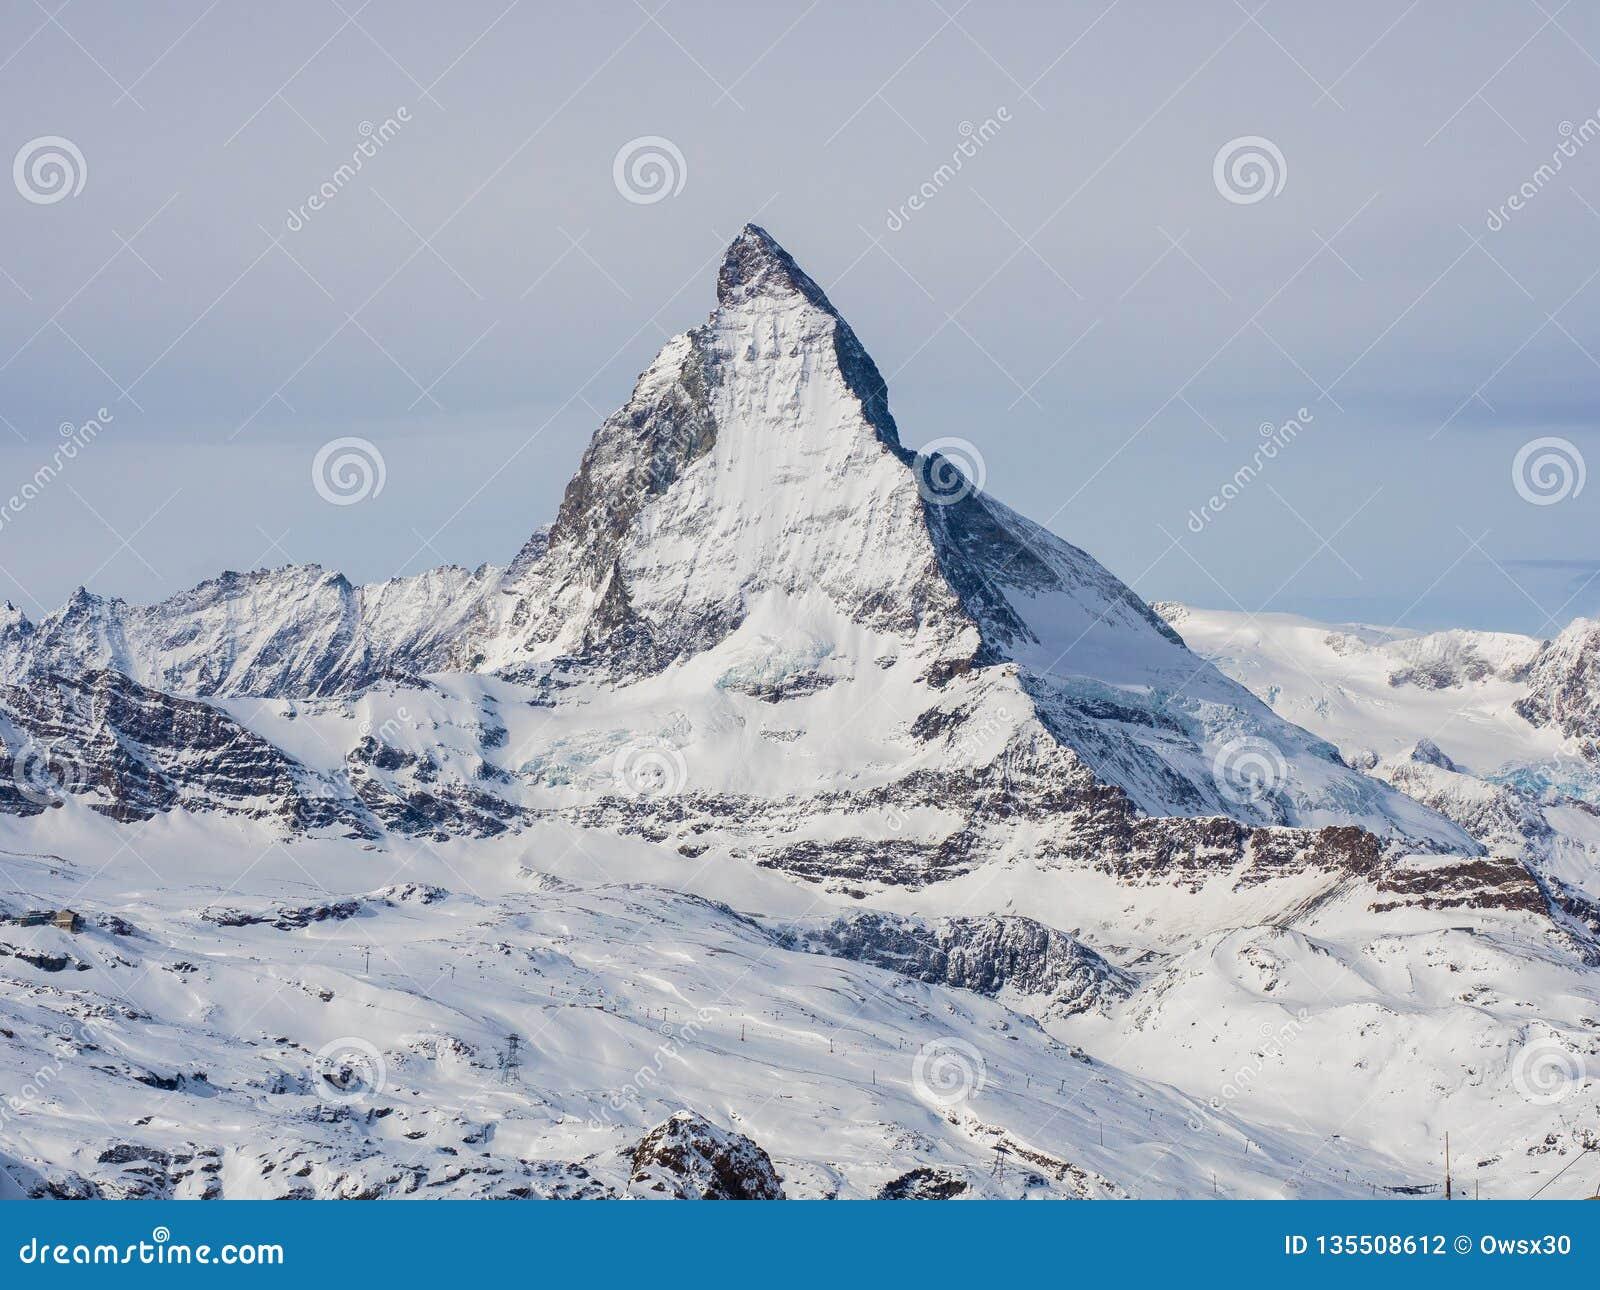 View of the Matterhorn from Gornergrat summit station. Swiss Alps, Valais, Switzerland